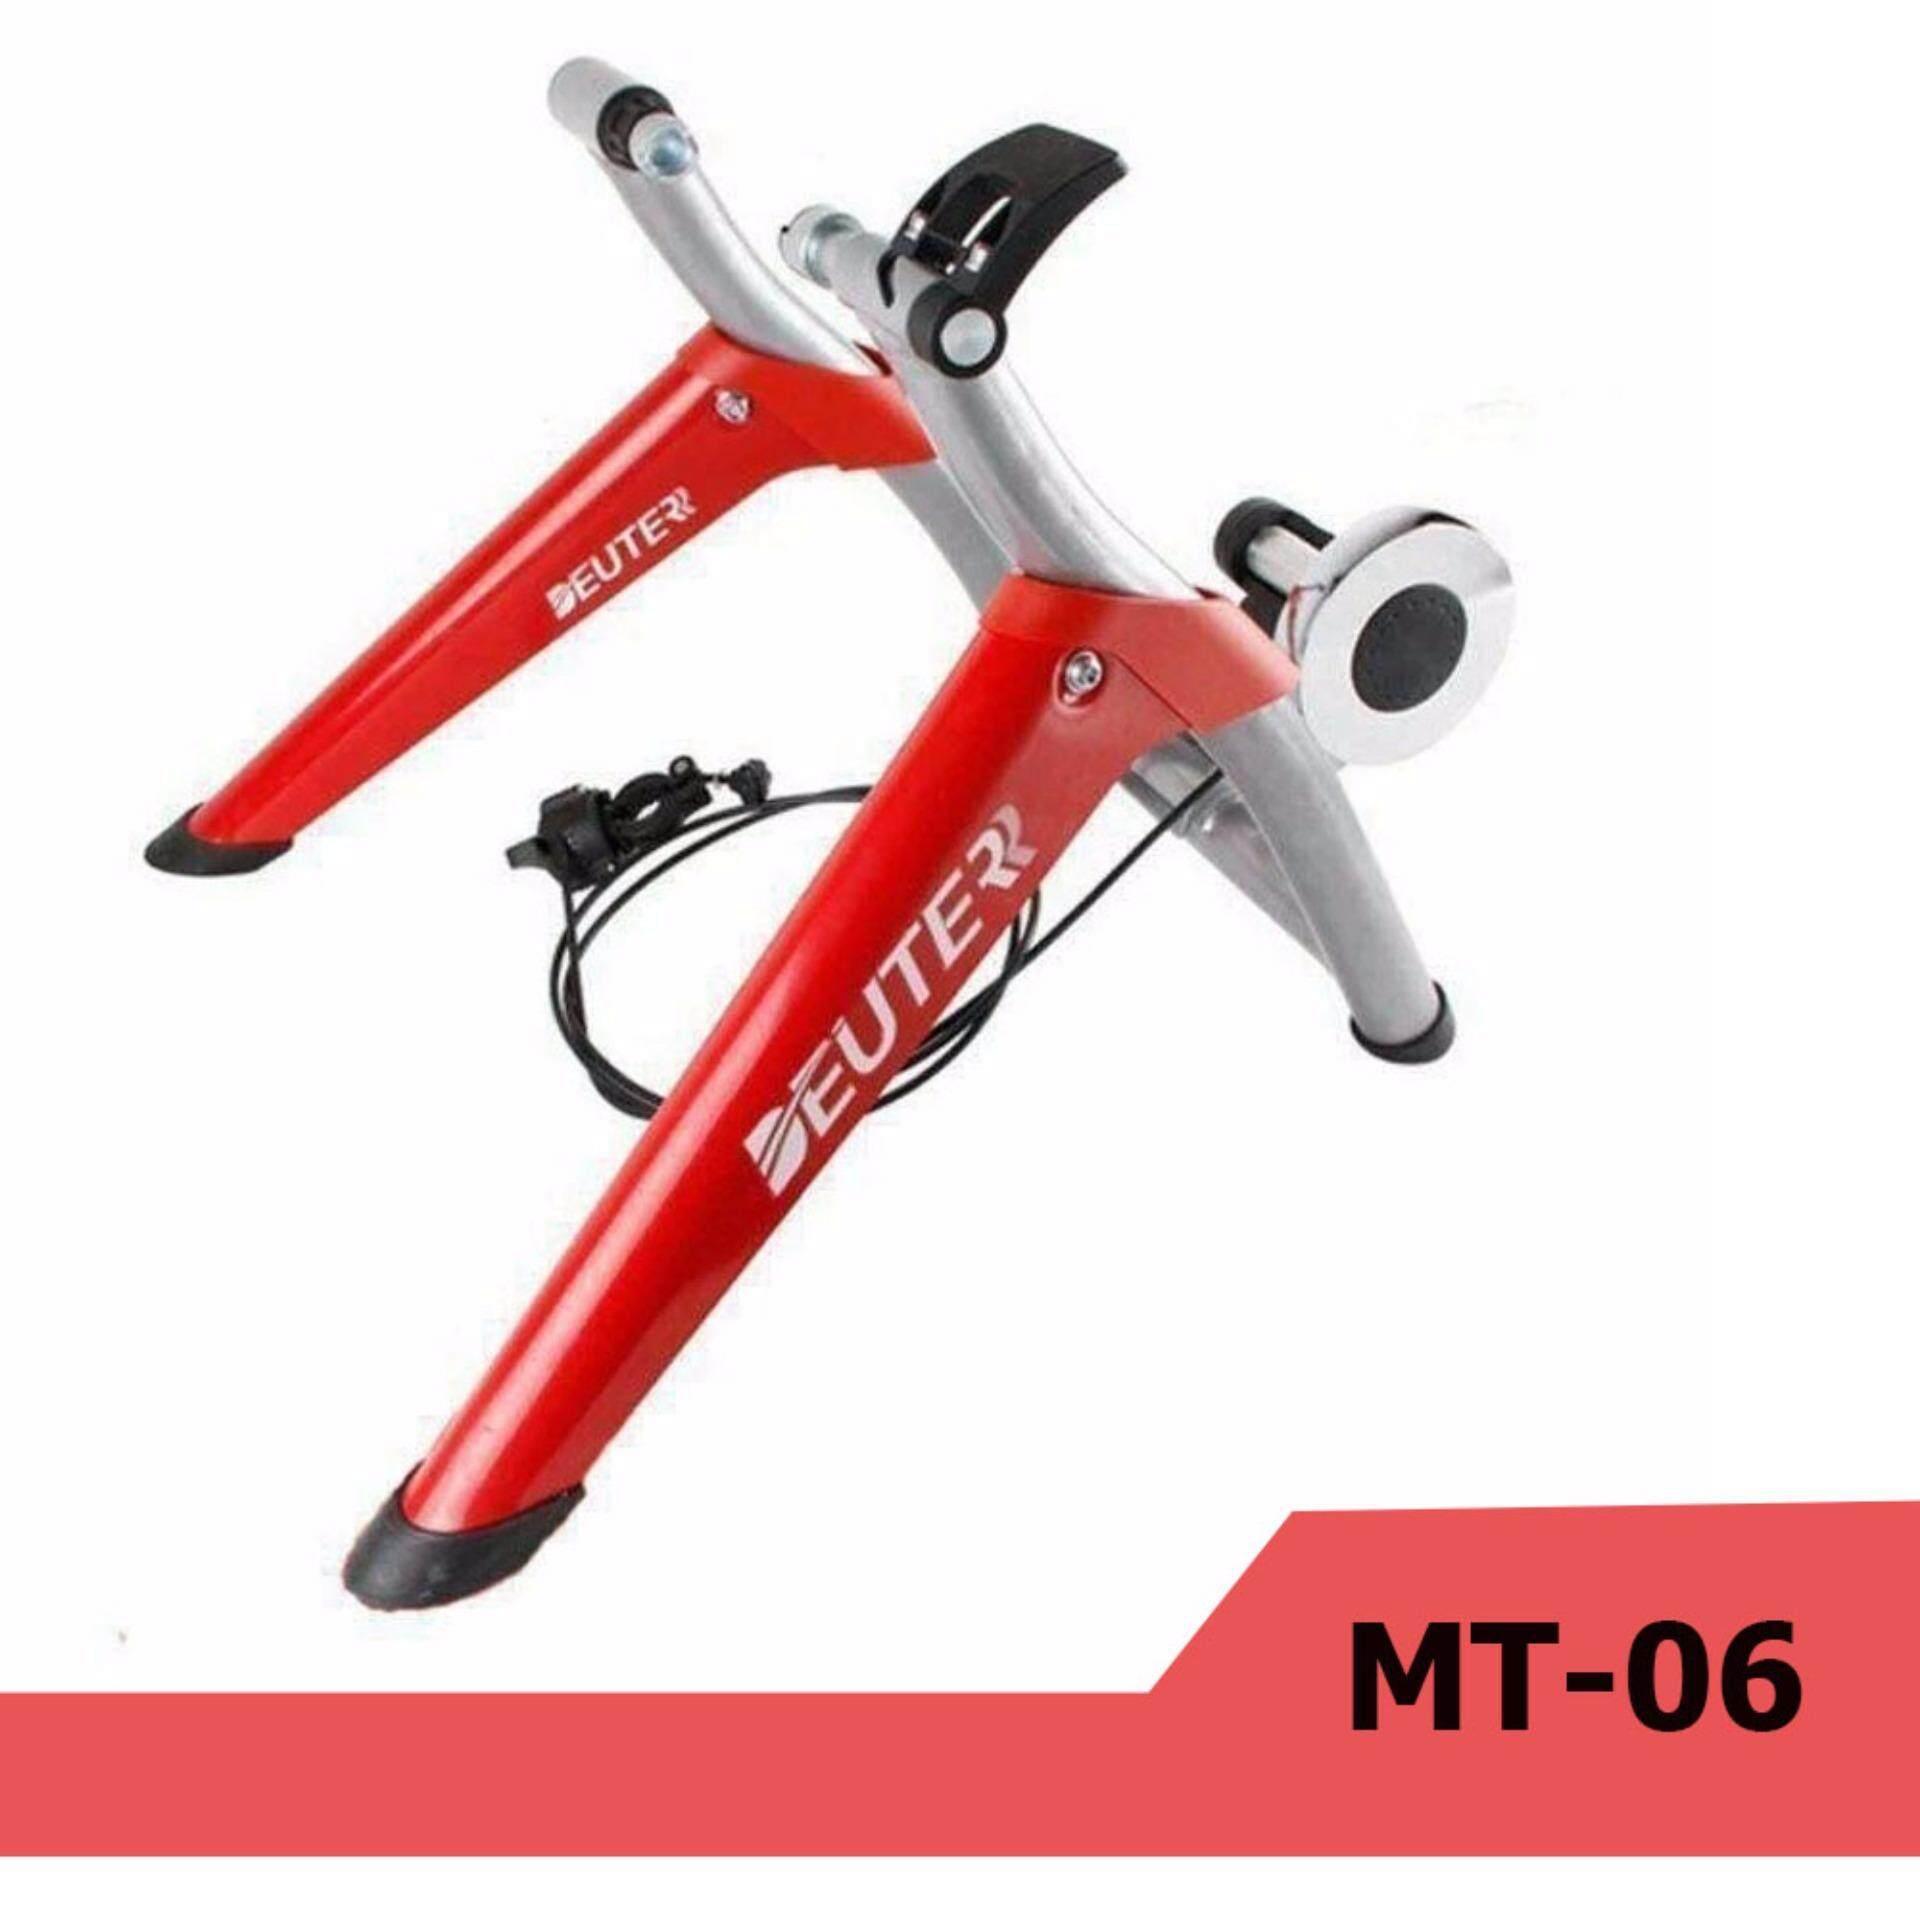 จักรยานออกกำลังกาย  TY รุ่น MT-06 ลด -75%